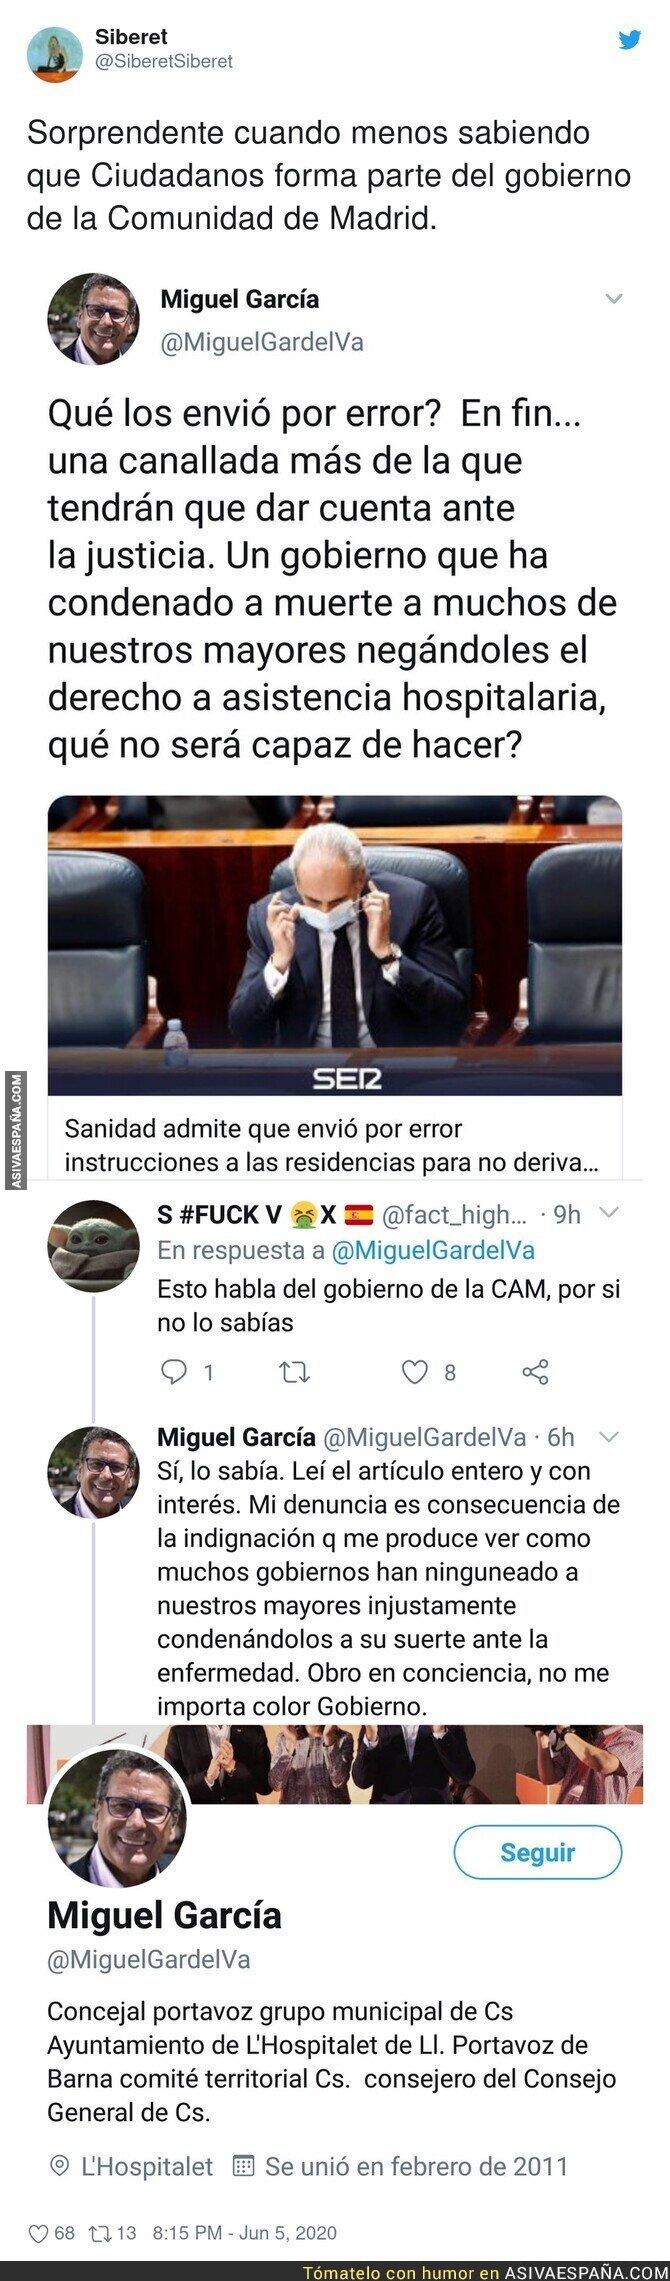 207584 - Miguel García de Ciudadanos en L'Hospitalet muy cabreado con la gestión del PP en Madrid